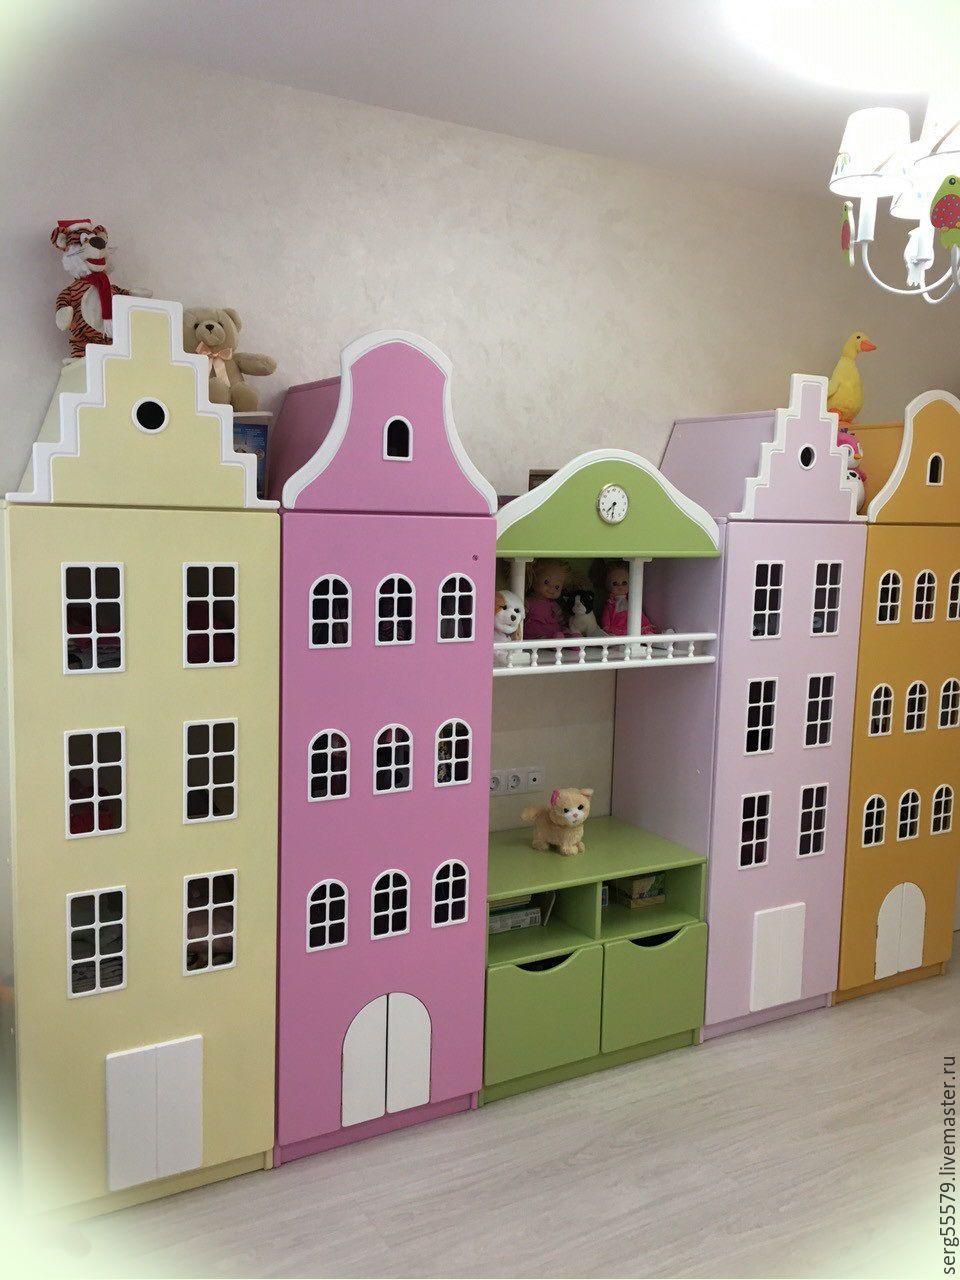 Домик в голландии купить купить дом за криптовалюту в Абу Даби Аль-Кусайдат